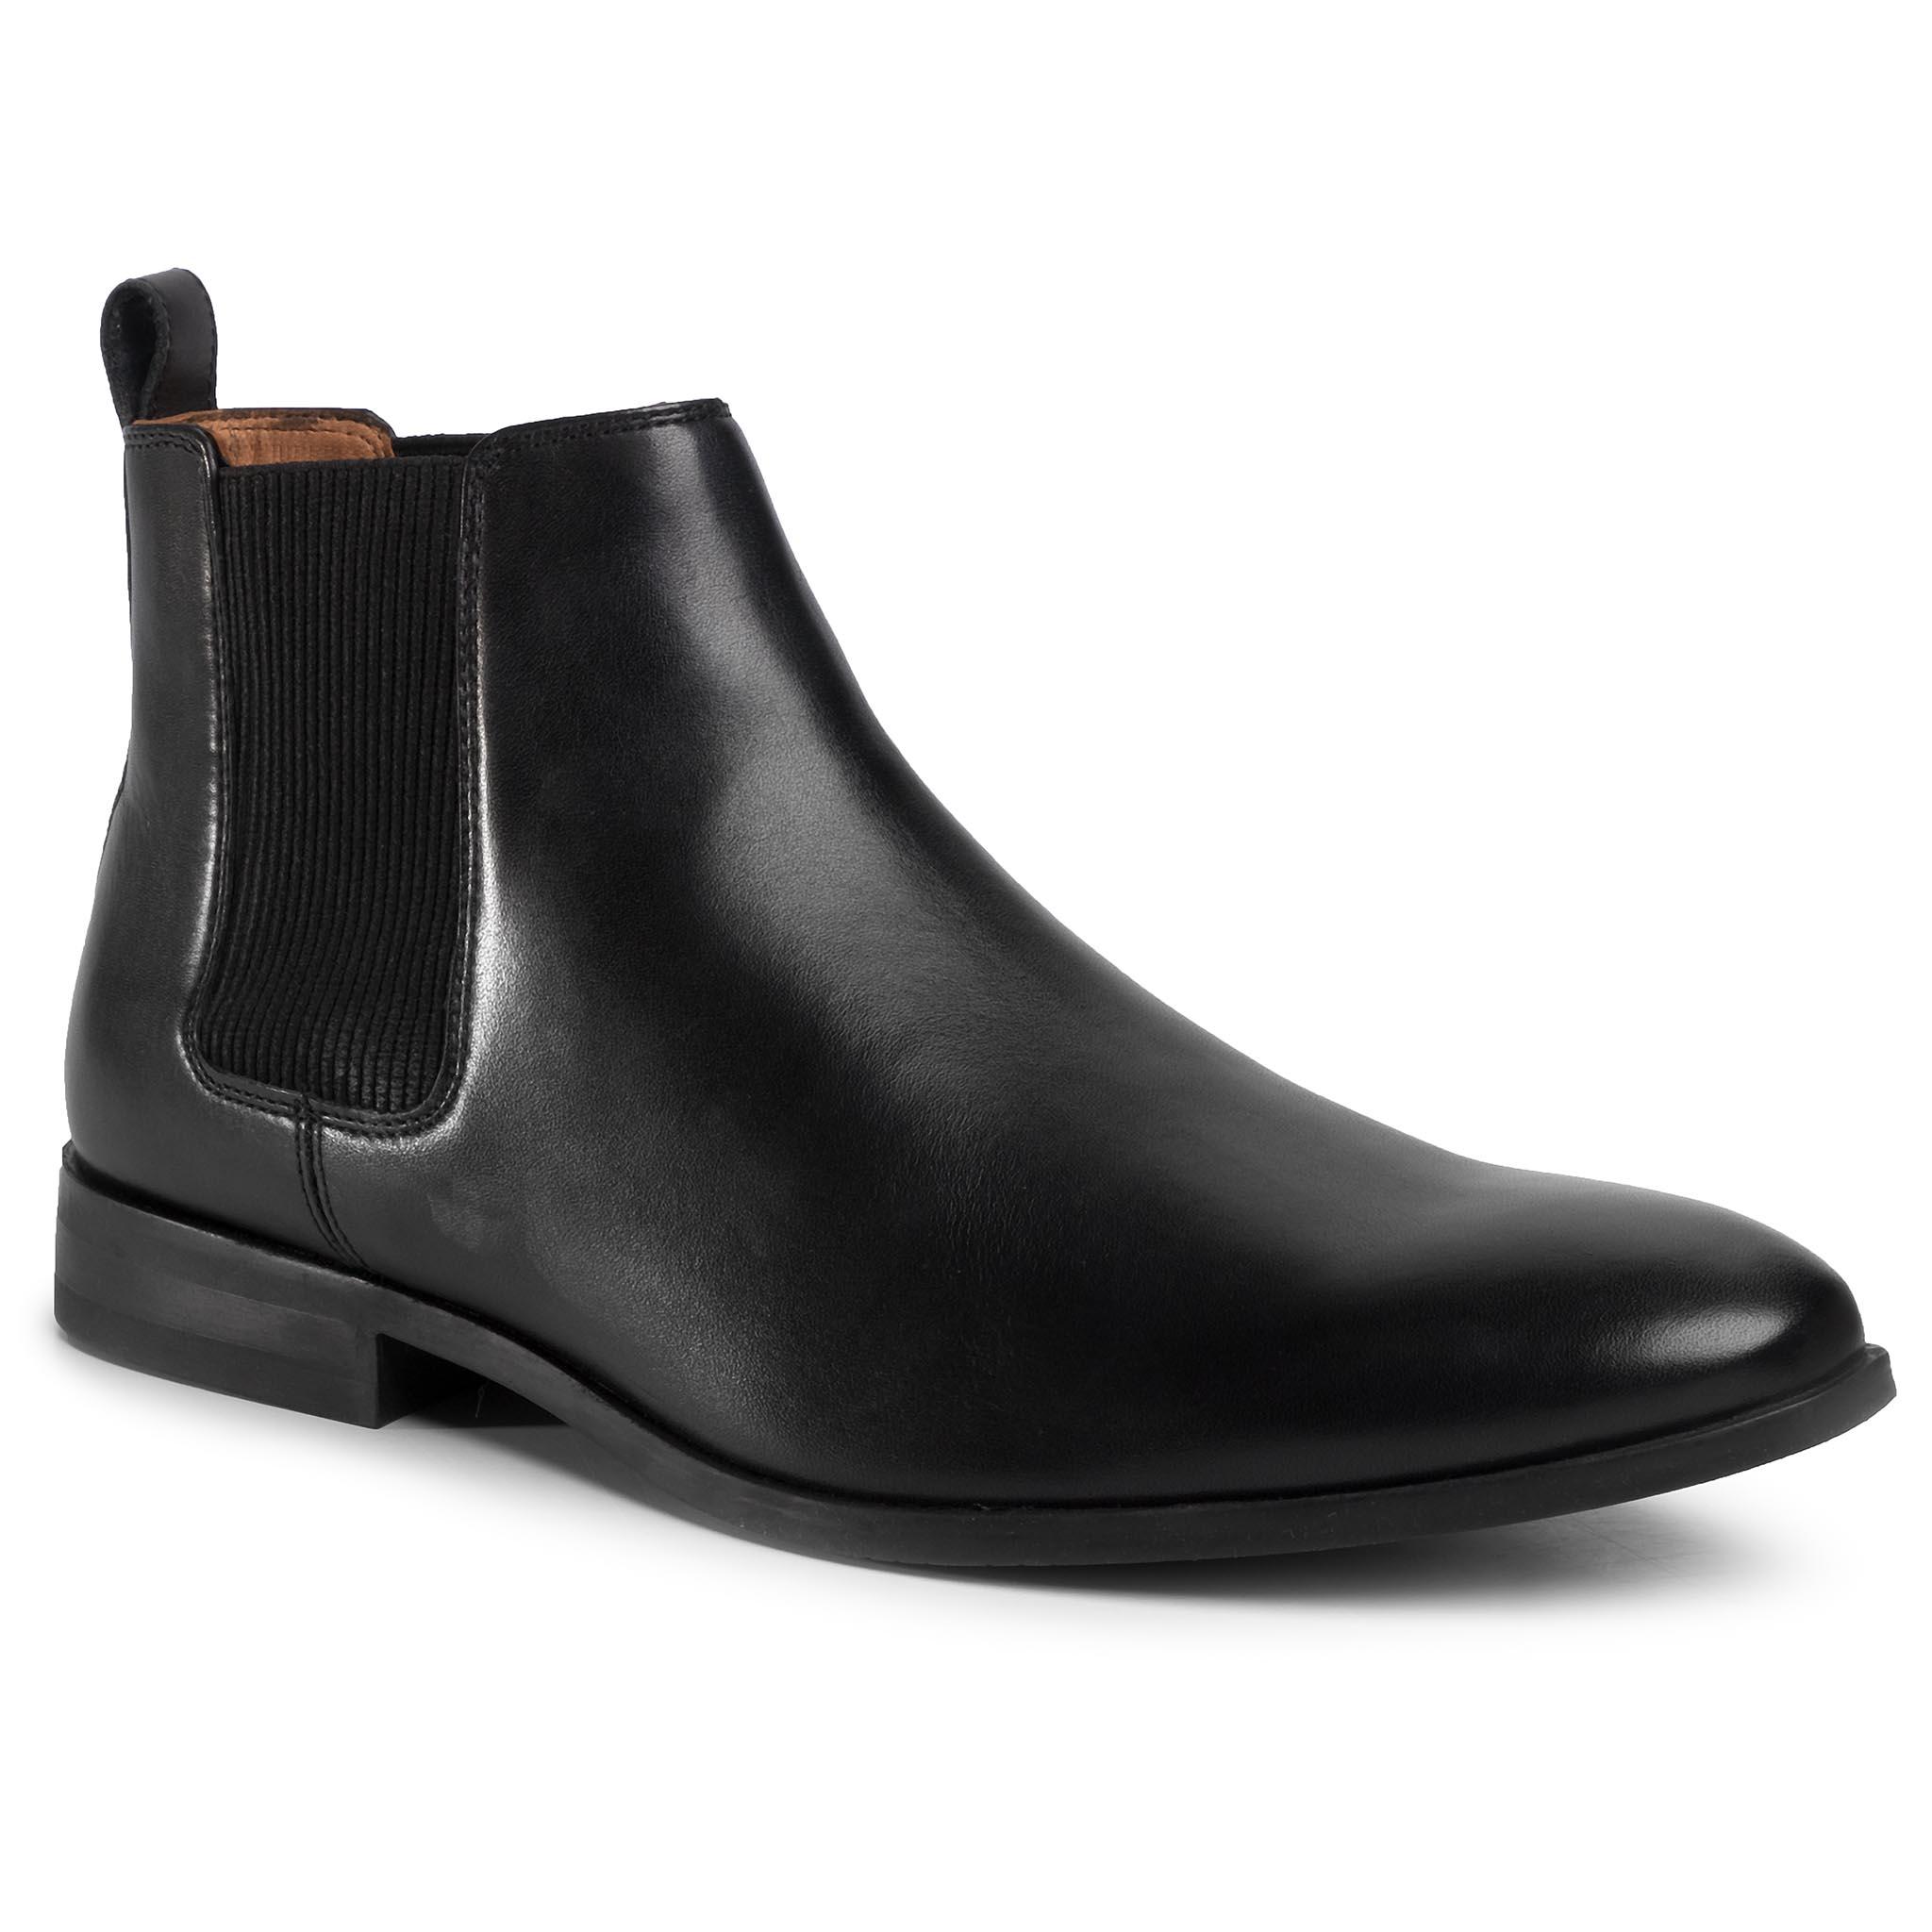 Kotníková obuv s elastickým prvkom LASOCKI FOR MEN - MI08-C736-743-08 Black